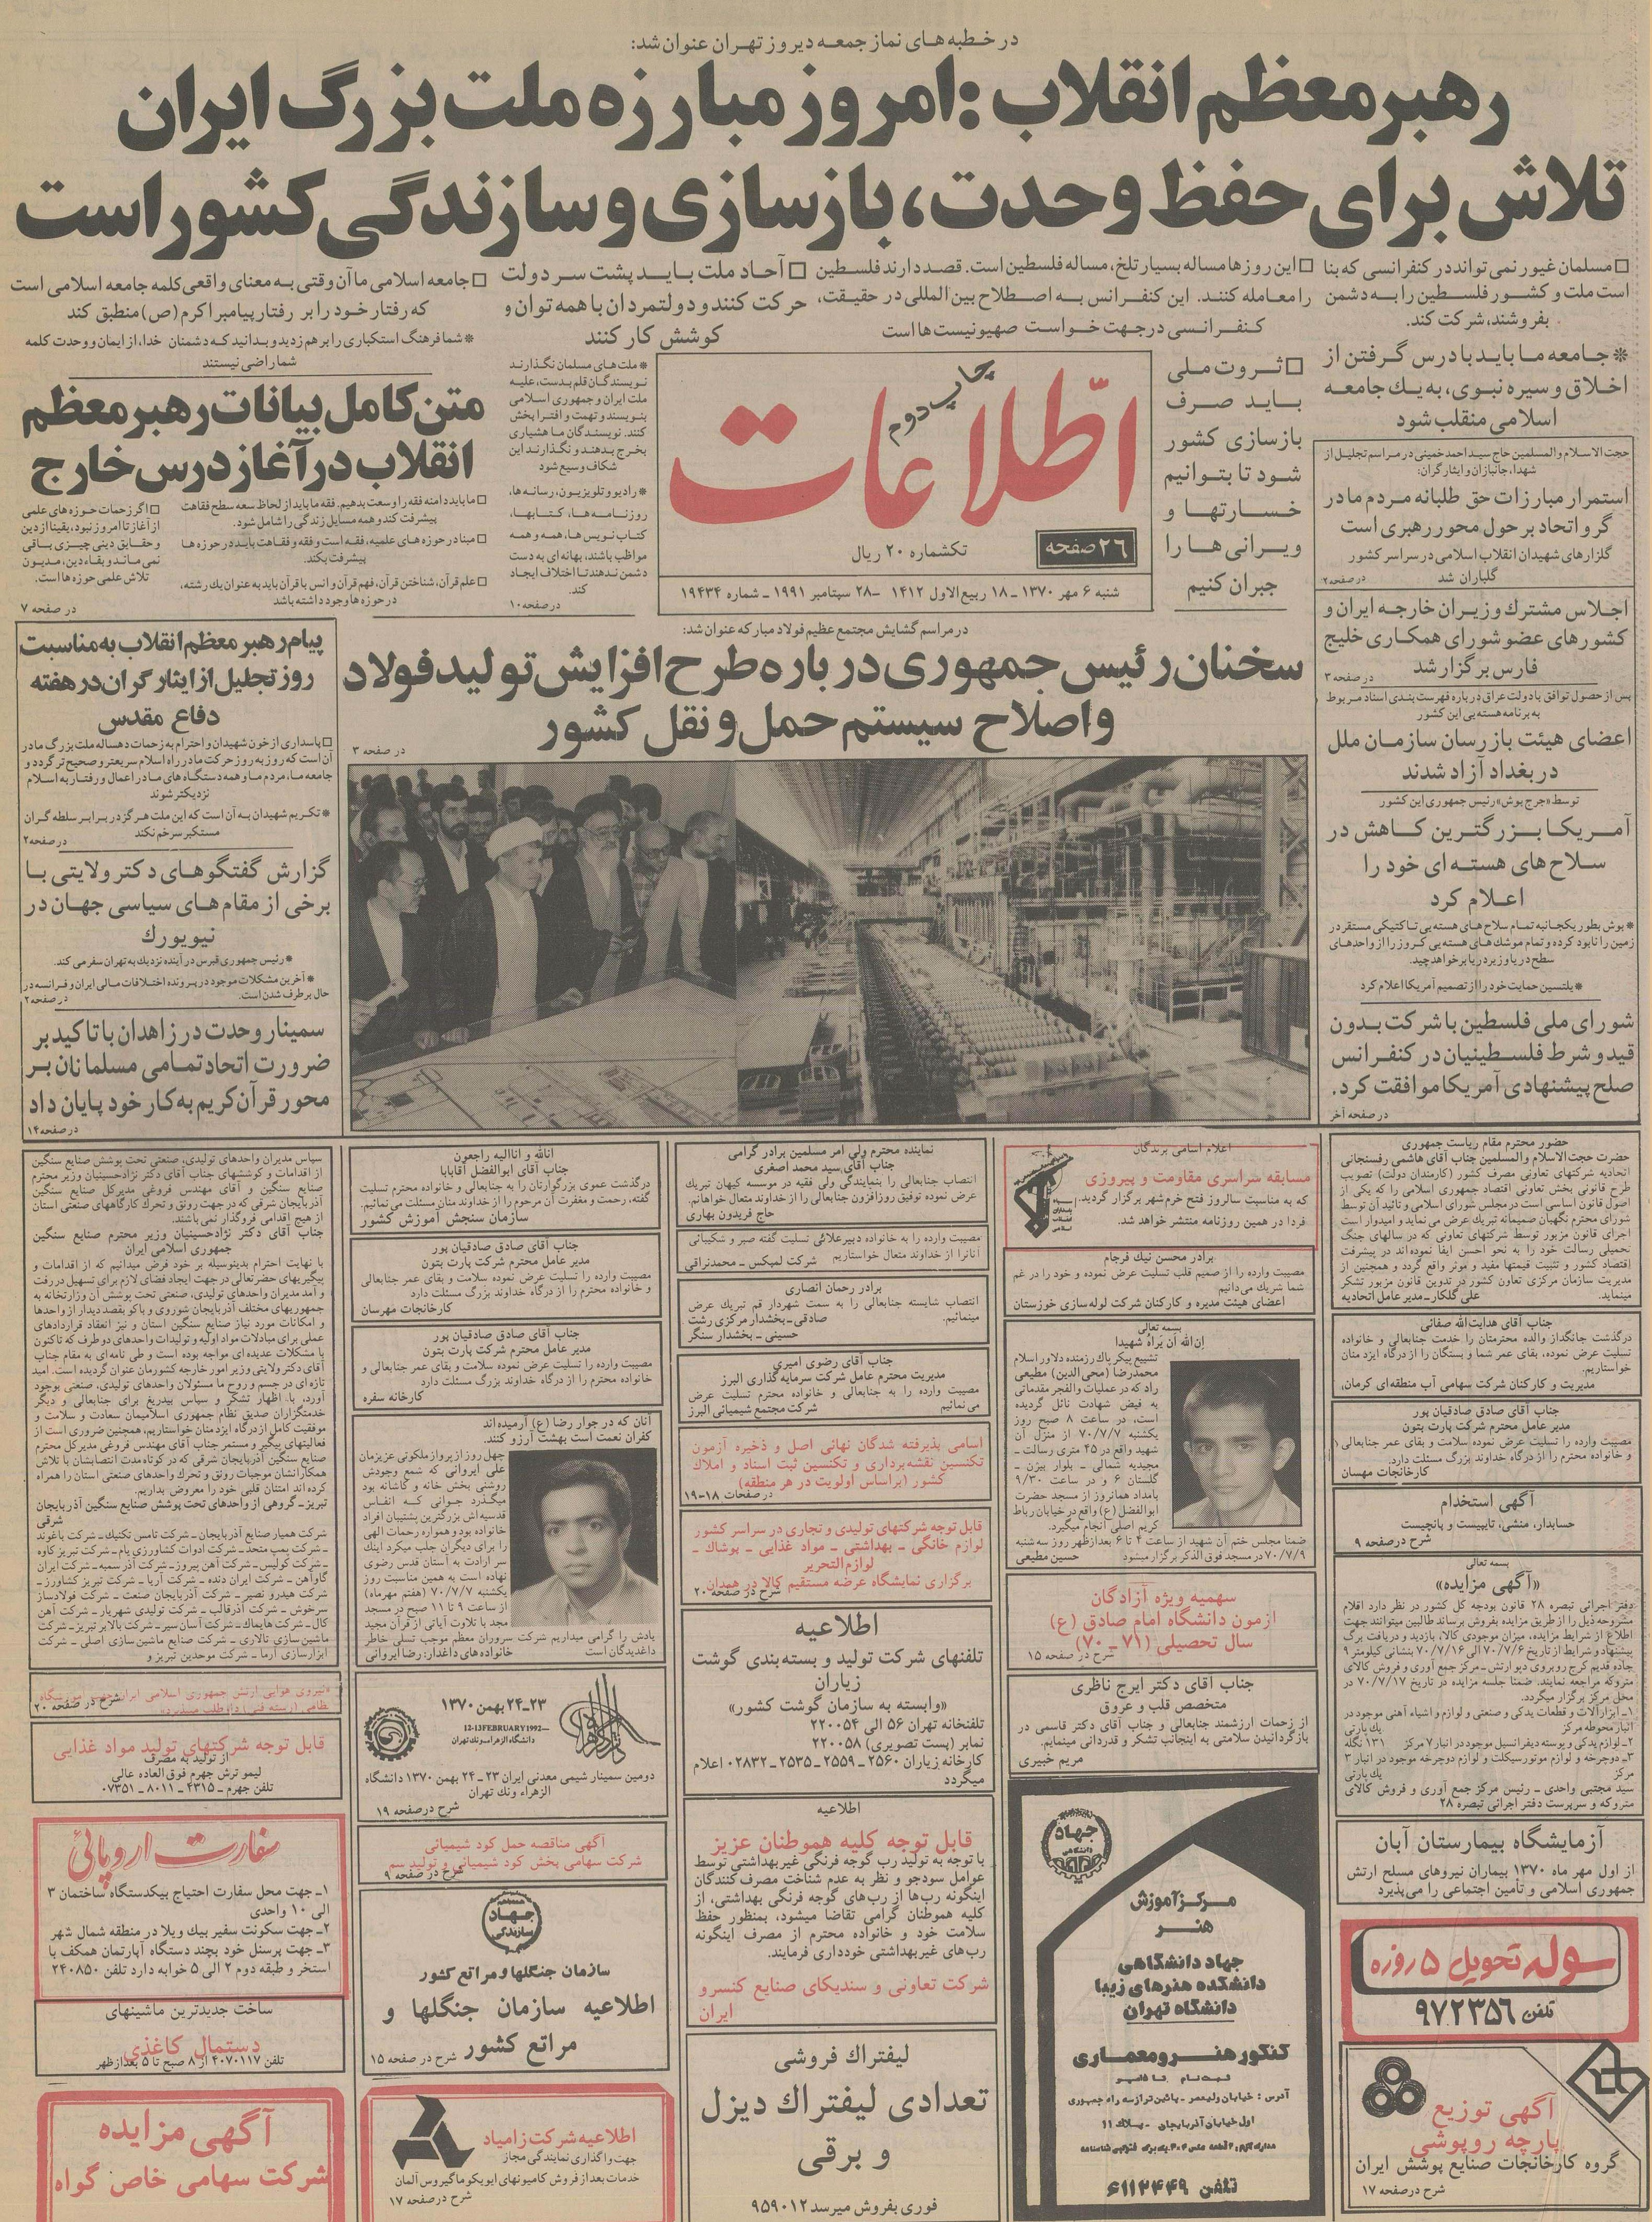 روزنامه اطلاعات 5 مهر 1370